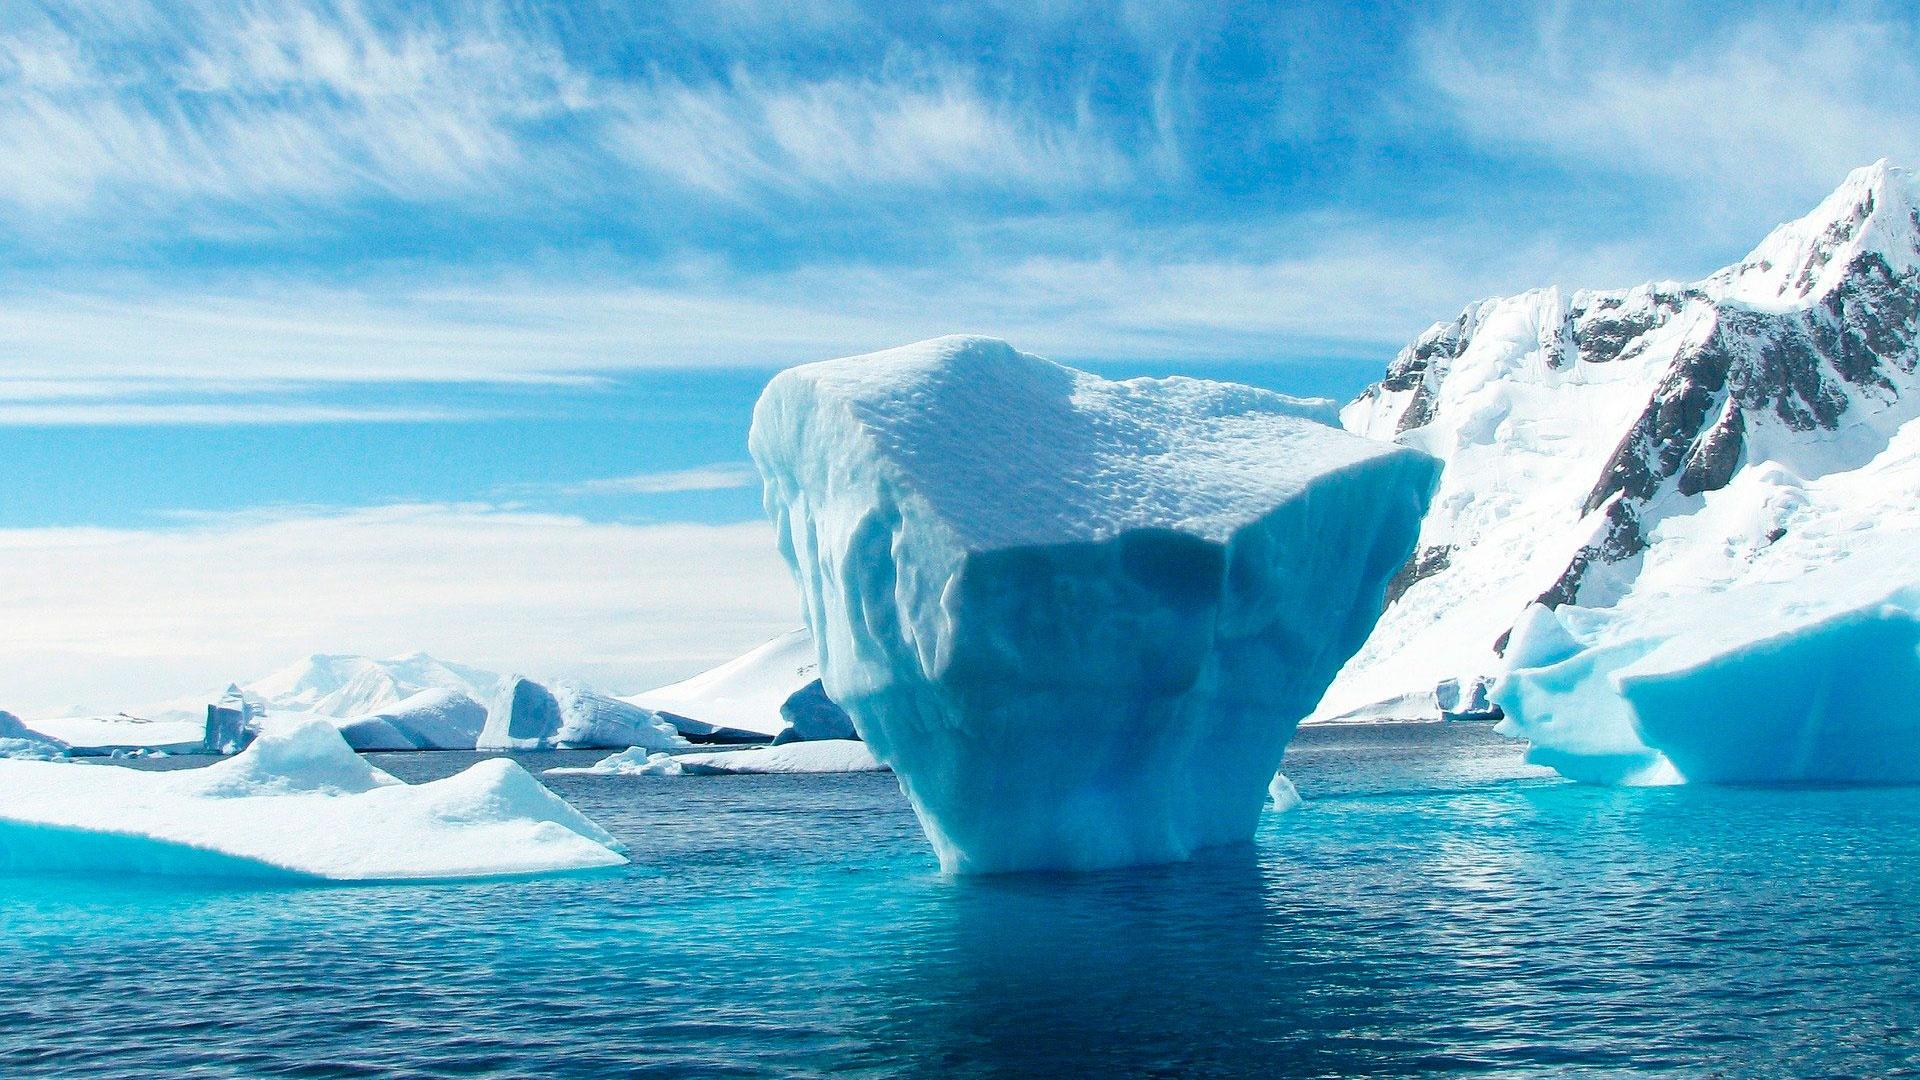 Ученые обнаружили место с самым чистым воздухом на Земле